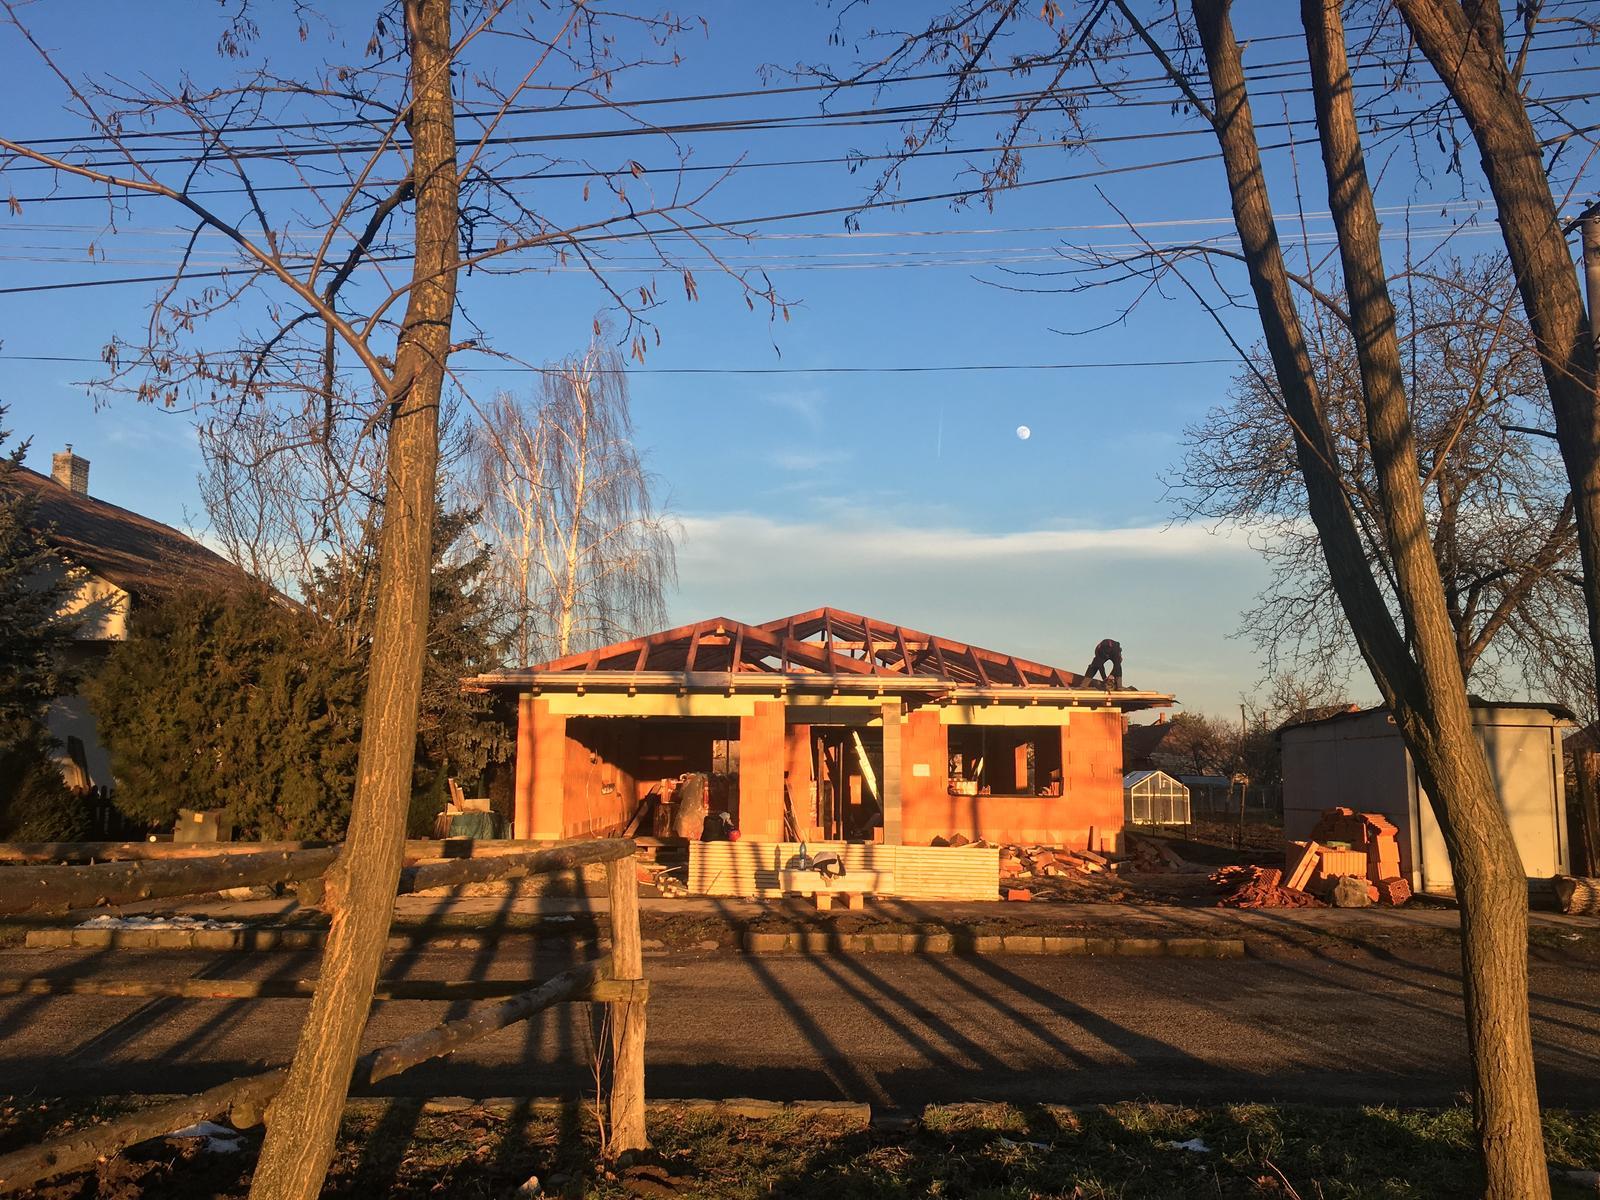 Bungalov 2k17 - individuálny projekt - Počasie je krásne :) 29. január a vonku skoro 14 stupňov